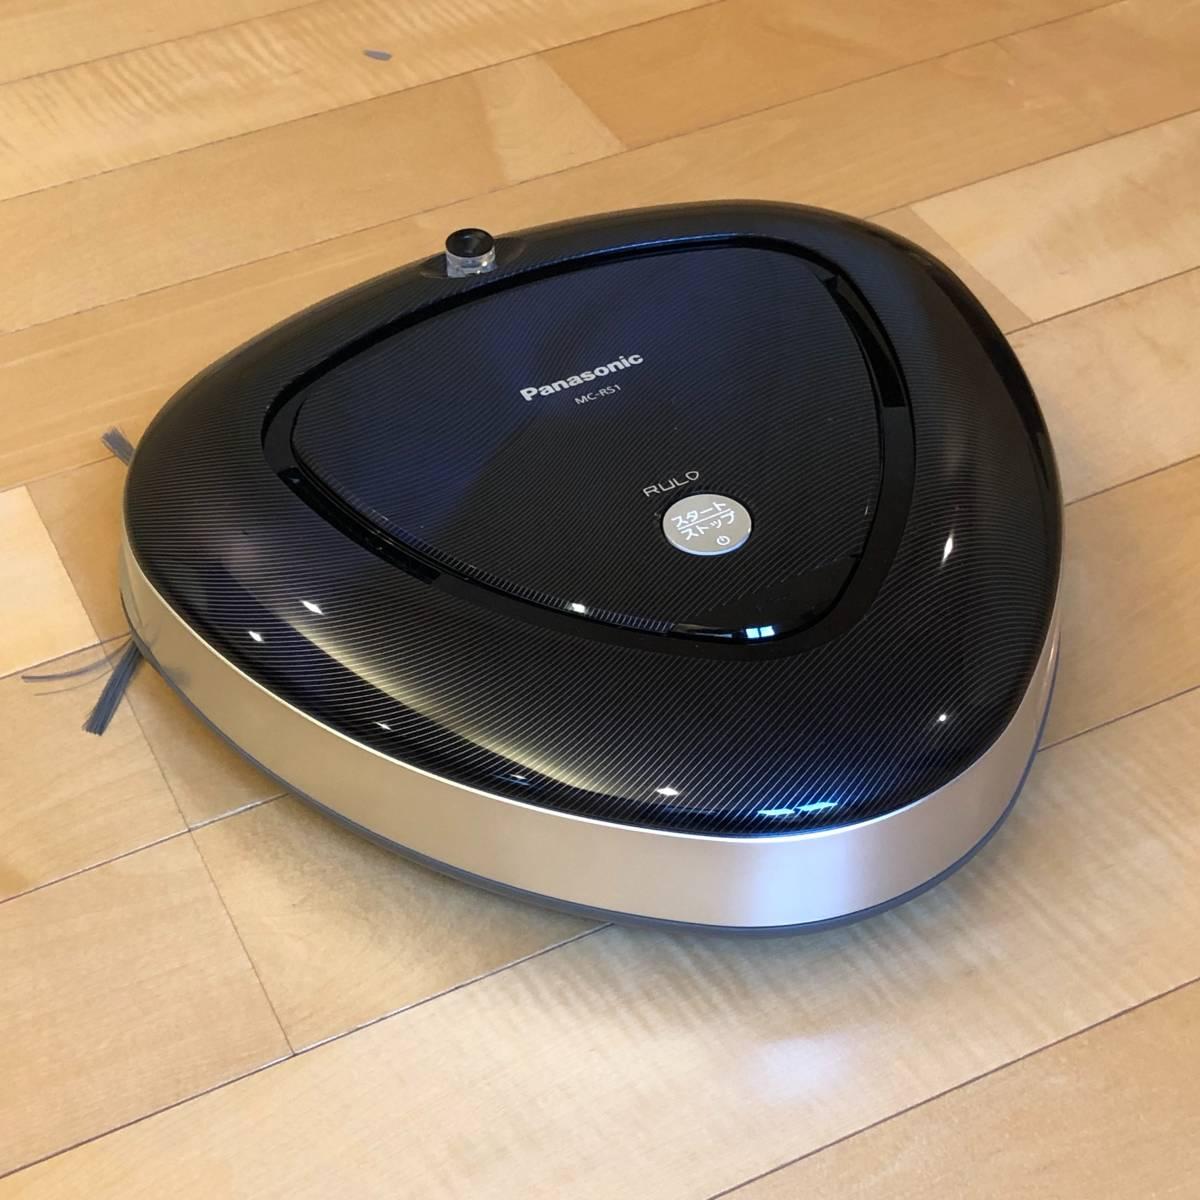 【中古良品】 Panasonic パナソニック ロボット掃除機 RULO ルーロ MC-RS1-K ブラック 2015年製